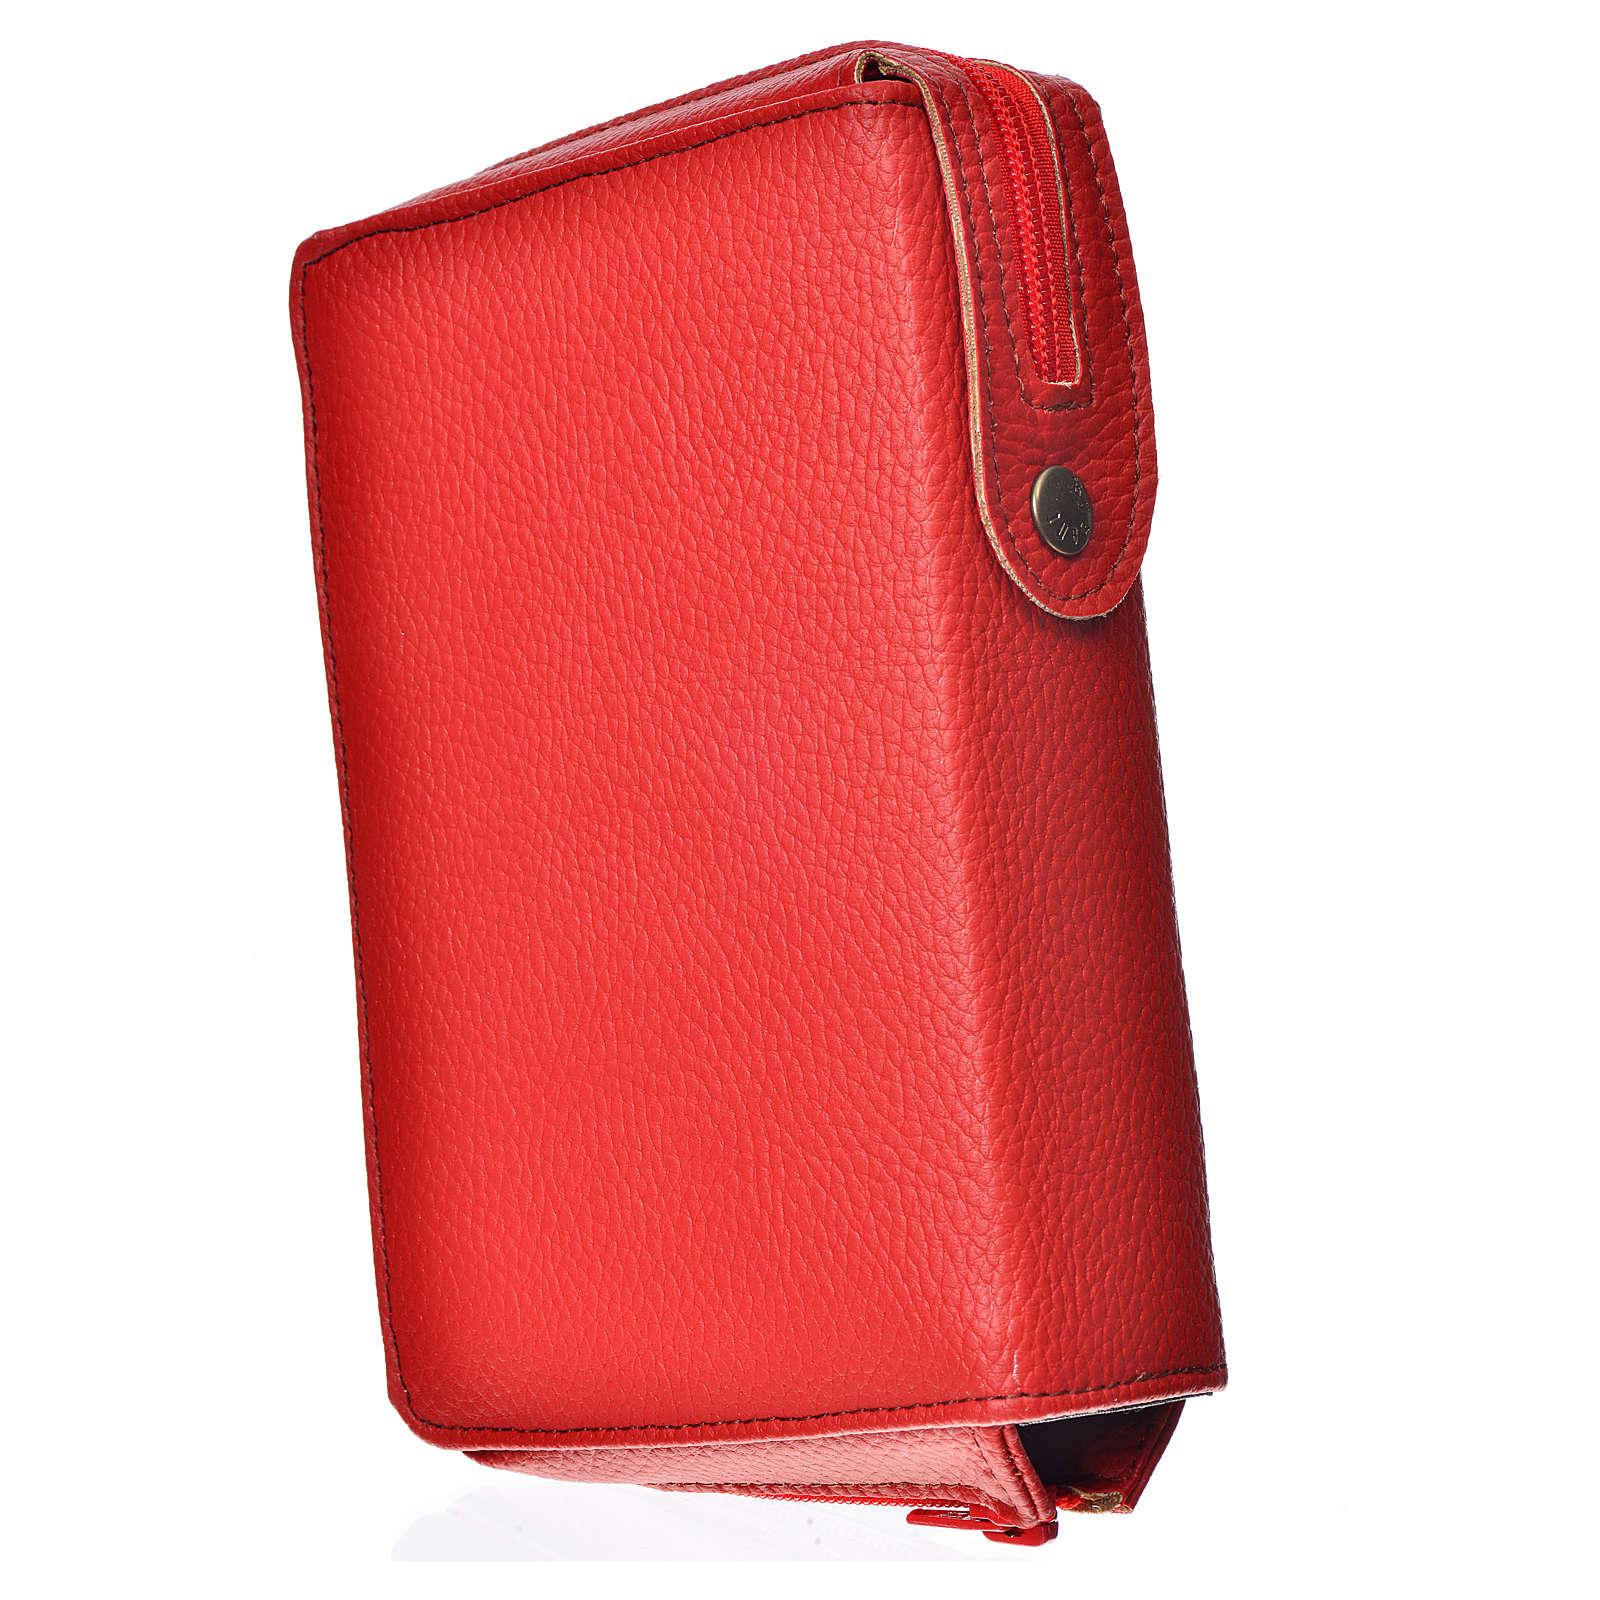 Funda Sagrada Biblia CEE ED. Pop. rojo simil c. Sagrada Familia 4